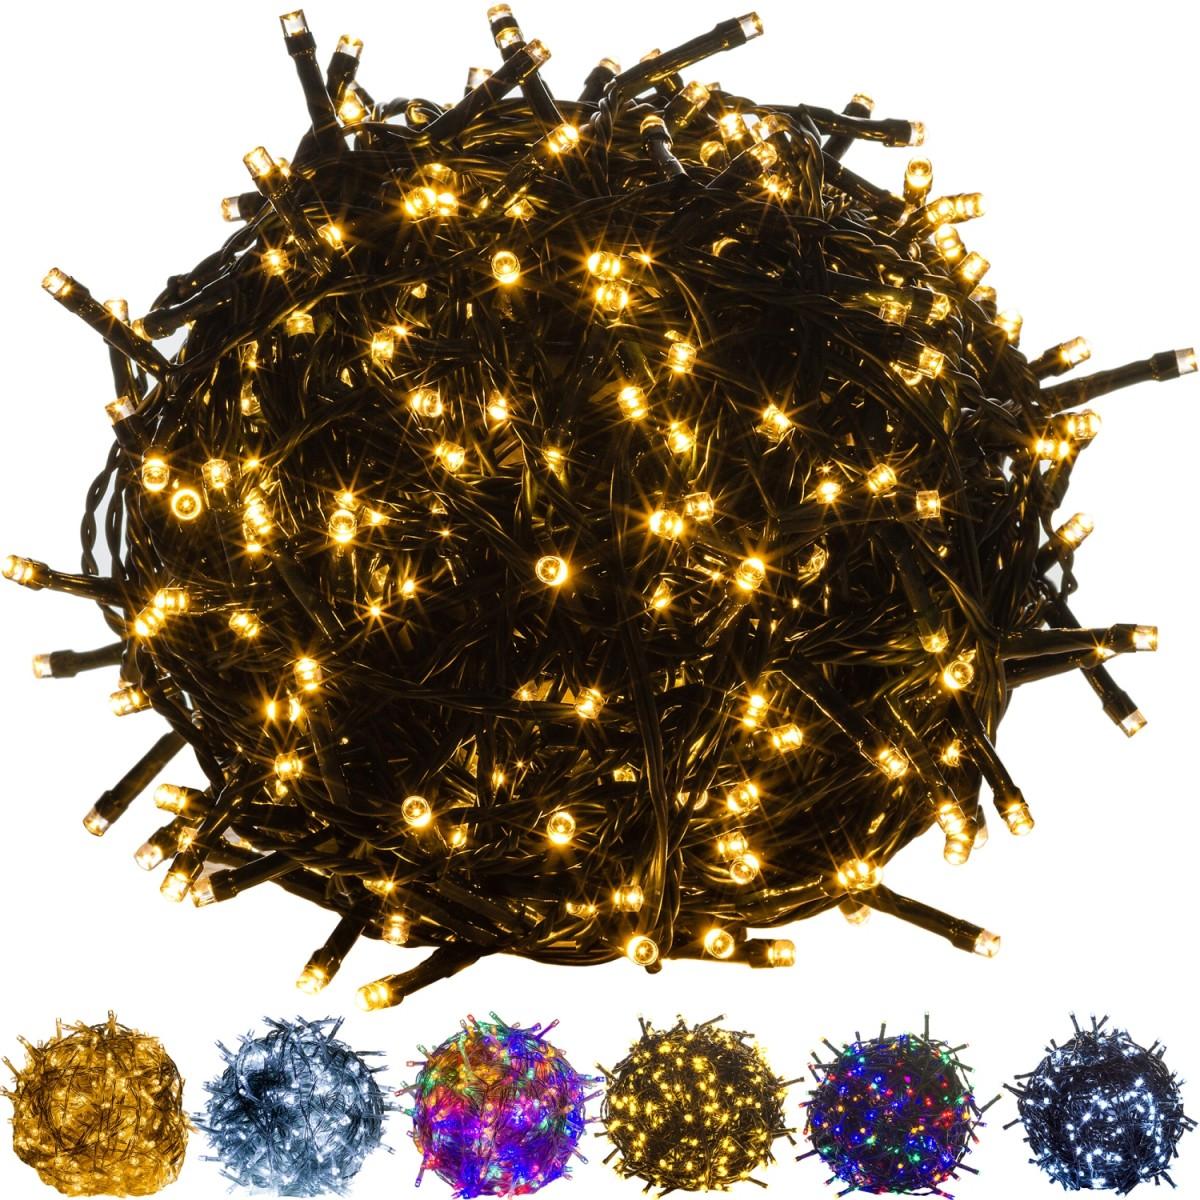 Die VOLTRONIC® Lichterketten (wahlweise mit grünem oder transparentem Kabel) sind in verschiedenen Varianten von 100, 200, 400 oder 600 LEDs in den Farben warm-weiß, kalt-weiß und bunt erhältlich. Somit ist diese Beleuchtung in vielen Bereichen einsetzbar, ob als Dekoration in der Weihnachtszeit oder zu Ihrer Party. Ihrer Fantasie sind hierbei keine Grenzen gesetzt. Die Lichterketten sind für den Einsatz im Außen- und Innenbereich geeignet (Schutzklasse IP44). LEDs erzeugen weder Hitze noch UV-Licht. Der Stromverbrauch ist im Vergleich zu Glühbirnen äußerst gering (bis zu 90 % Ersparnis). Die Lebensdauer einer LED beträgt bis zu 100.000Stunden und übertrifft bei weitem die einer normalen Glühbirne (je nach Leistung ca. 1000 Stunden). Bei den VOLTRONIC® Lichterketten wurde höchster Wert auf die Sicherheit gelegt, deshalb sind sowohl die Lichterketten (durch BUREAU VERITAS) als auch der Adapter (durch DEKRA) GS zertifiziert worden (Geprüfte Sicherheit). Preis: 13.90 €